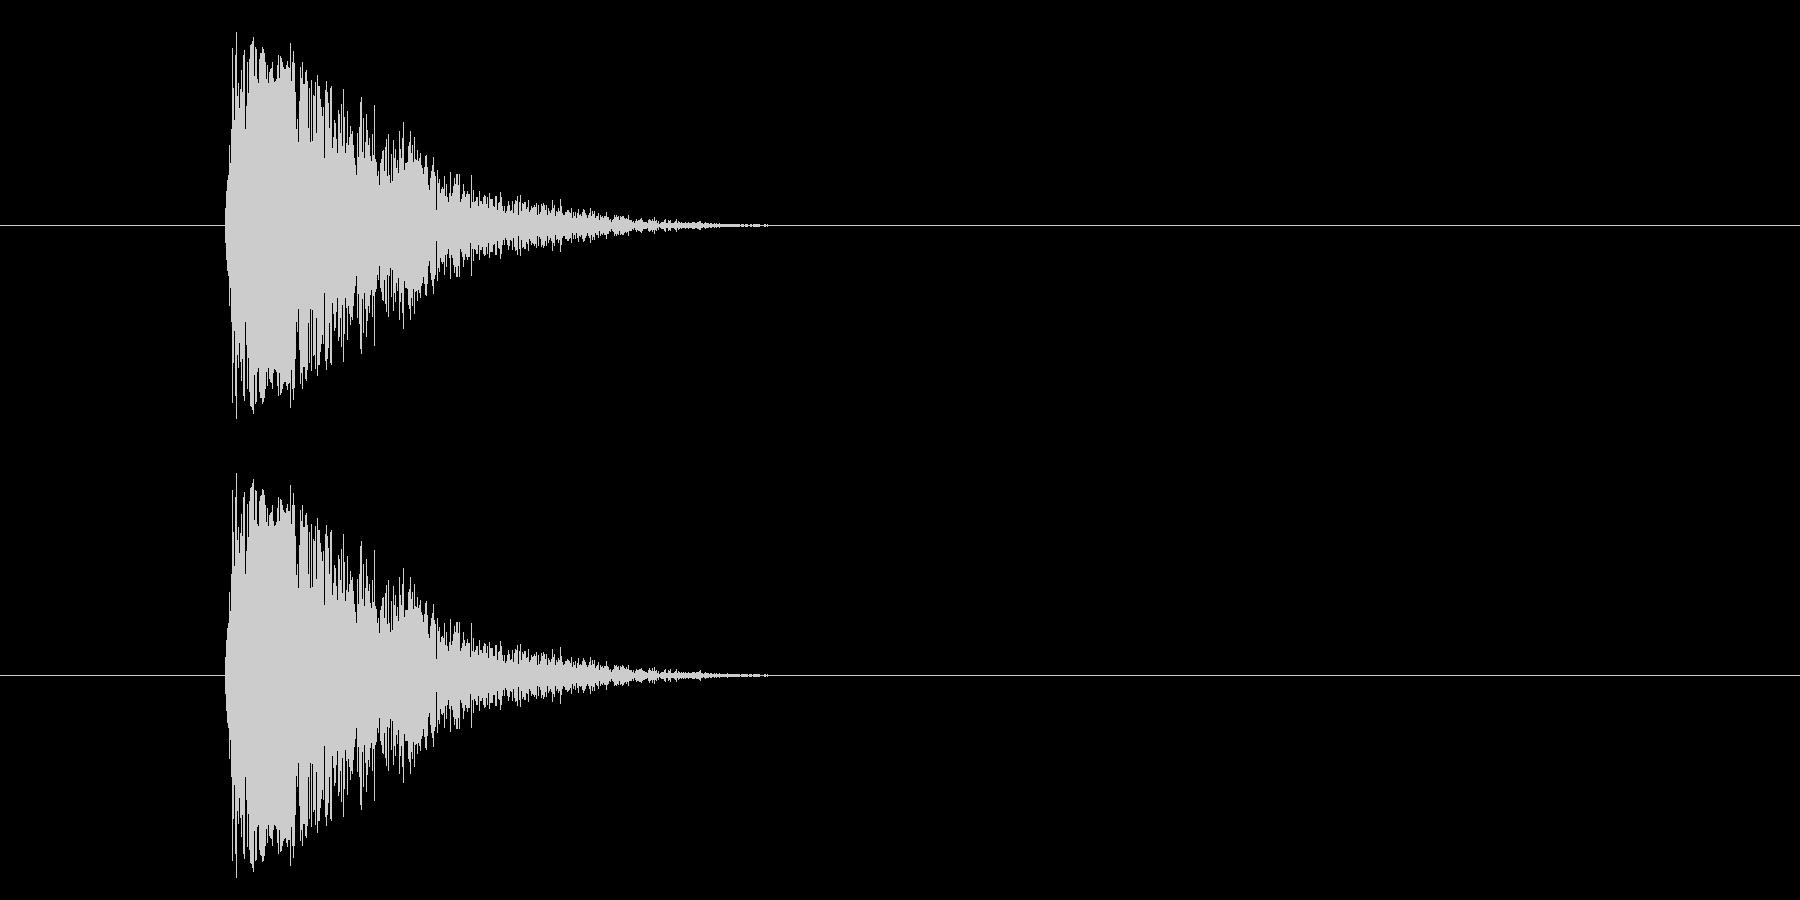 ジャン!懐かしのオケヒその2の未再生の波形